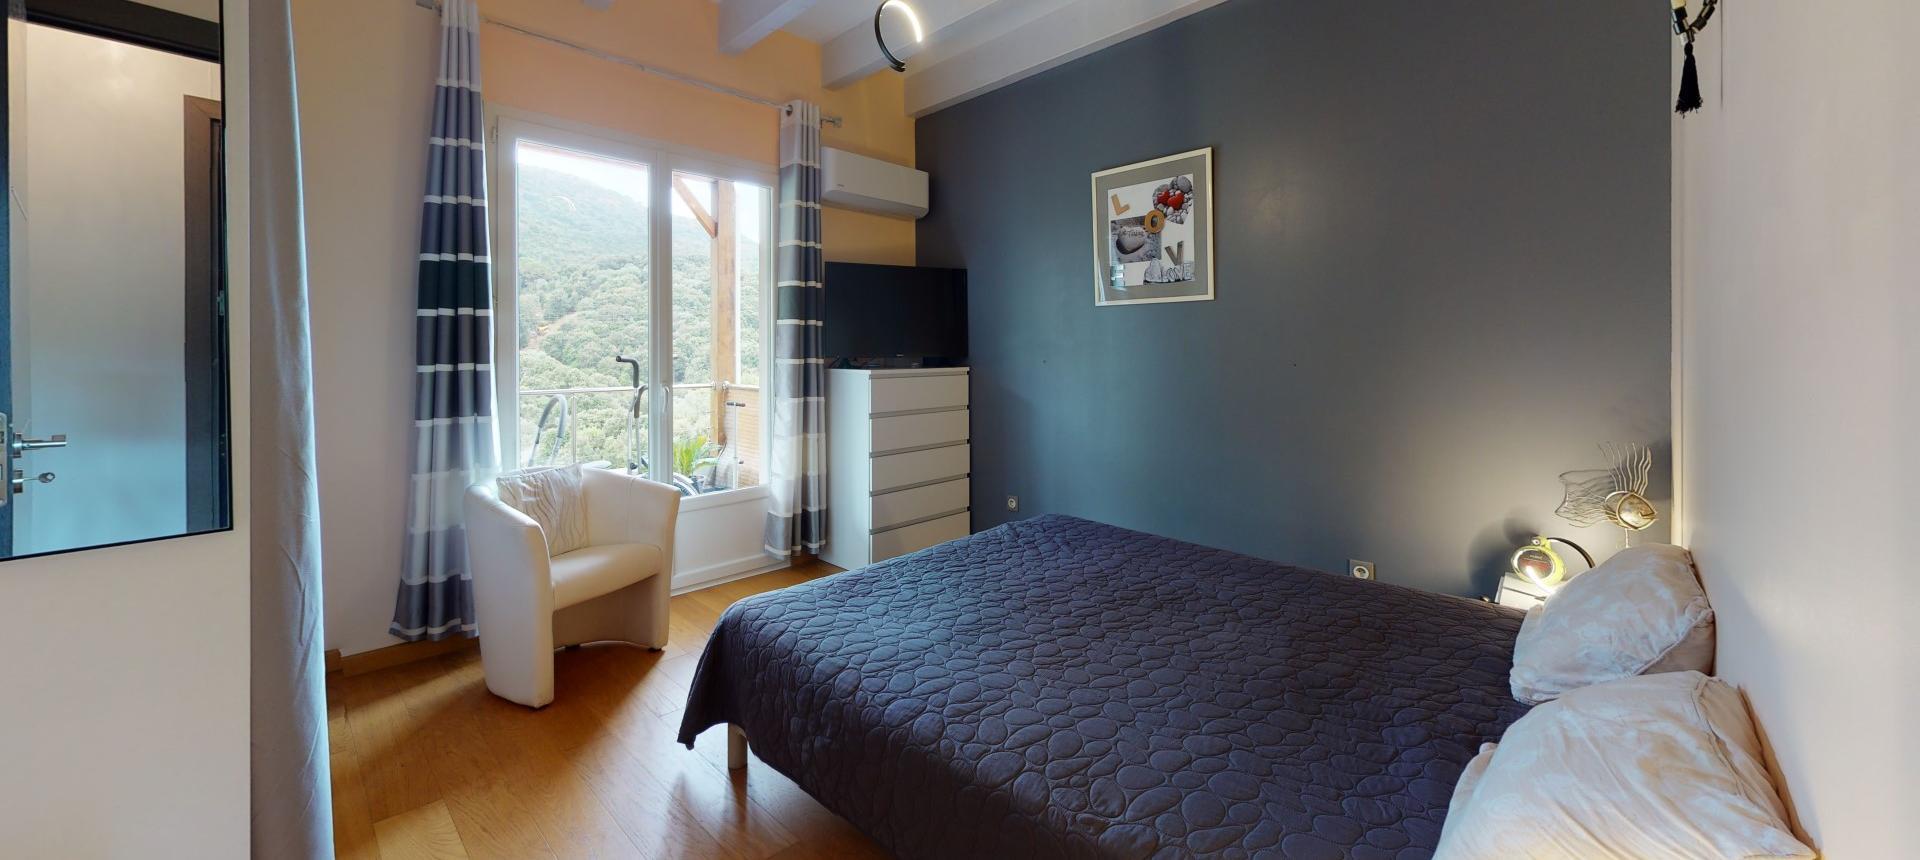 Villa à vendre proche Ajaccio - San Benedetto - Vue chambre 2 - RDC